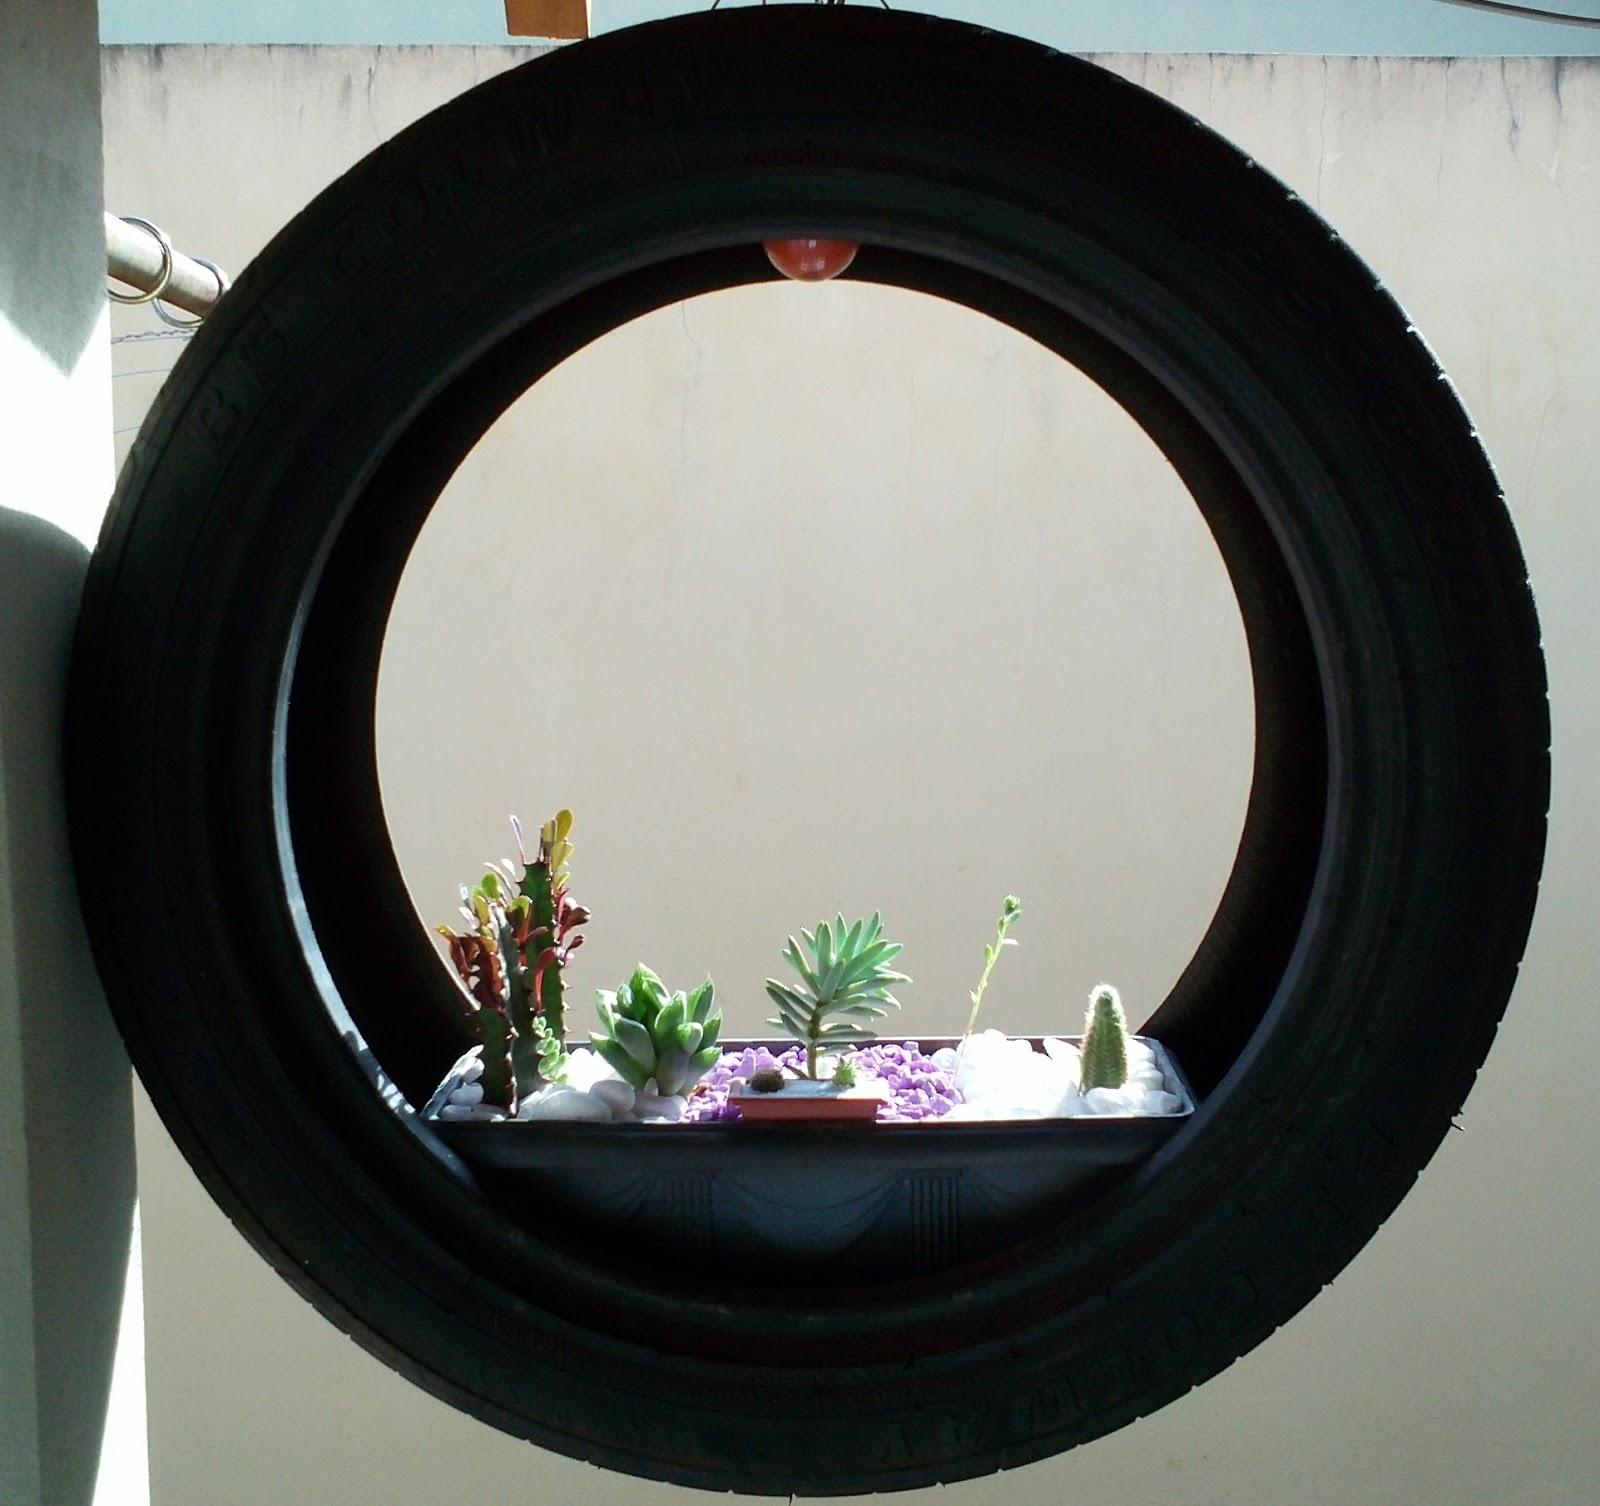 mini jardim cactos suculentas : mini jardim cactos suculentas:Inovando com Cactos e Suculentas.: Mini Jardim de Cactos e Suculentas.